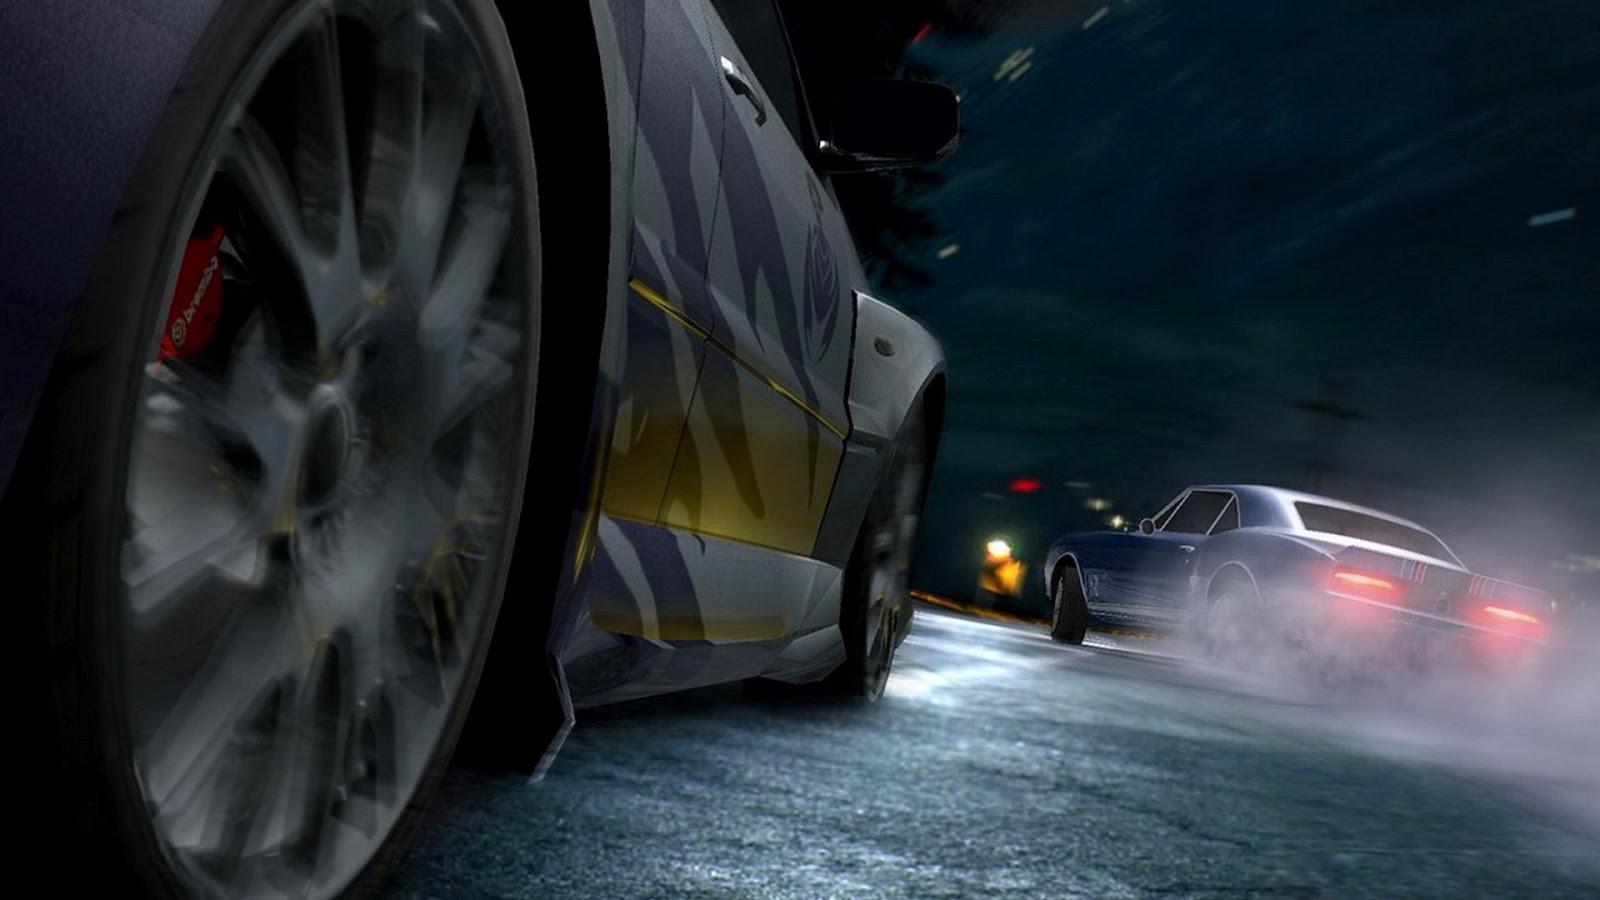 http://2.bp.blogspot.com/-2_9AhsDD3fo/UBVbEhL6ESI/AAAAAAAAFJk/GOsLoTbstz4/s1600/Need+for+Speed+Carbon+Wallpapers++5.jpg